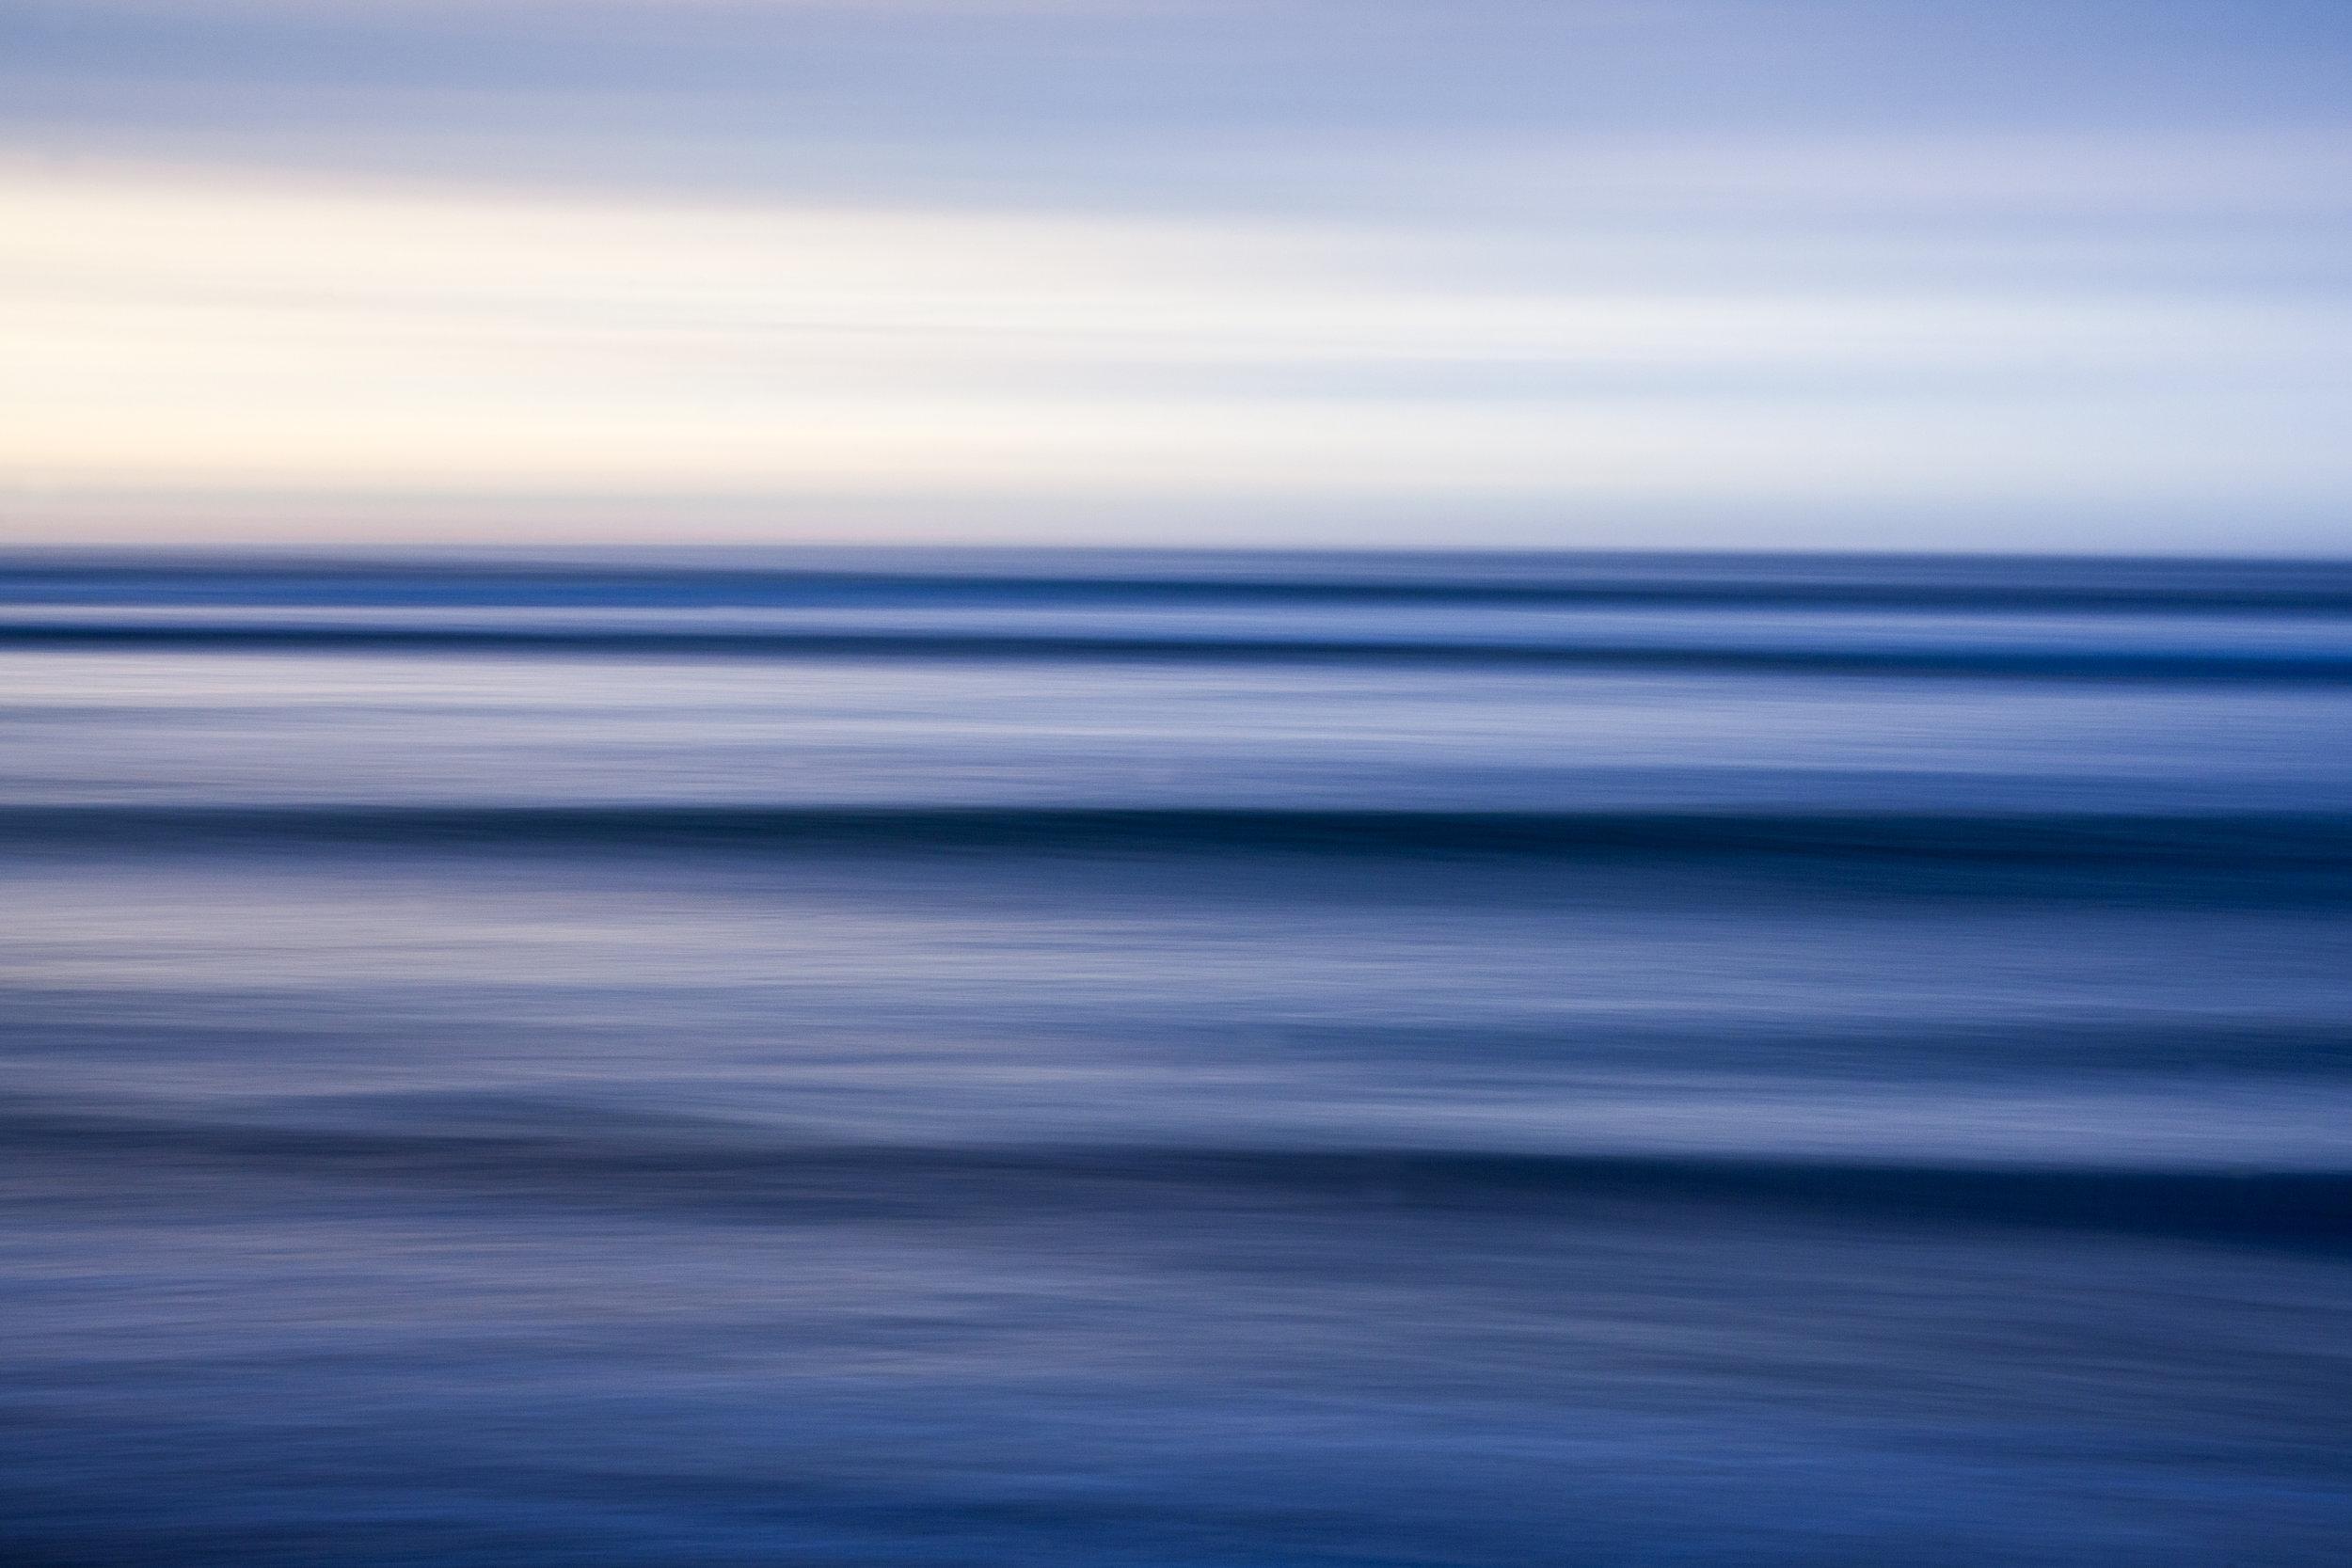 Sunset_Blue_Final.jpg